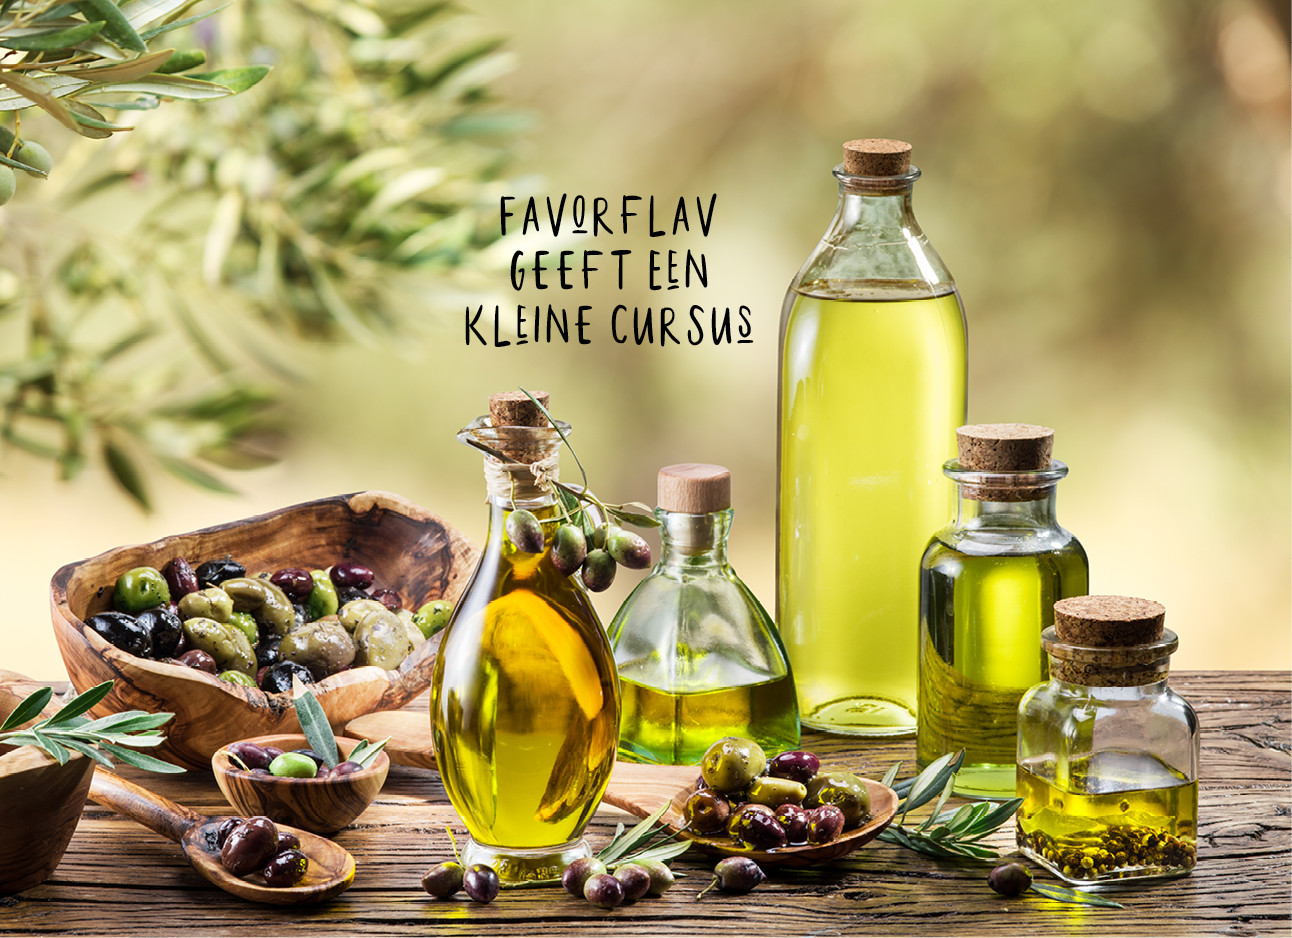 Allemaal soorten olijfolie